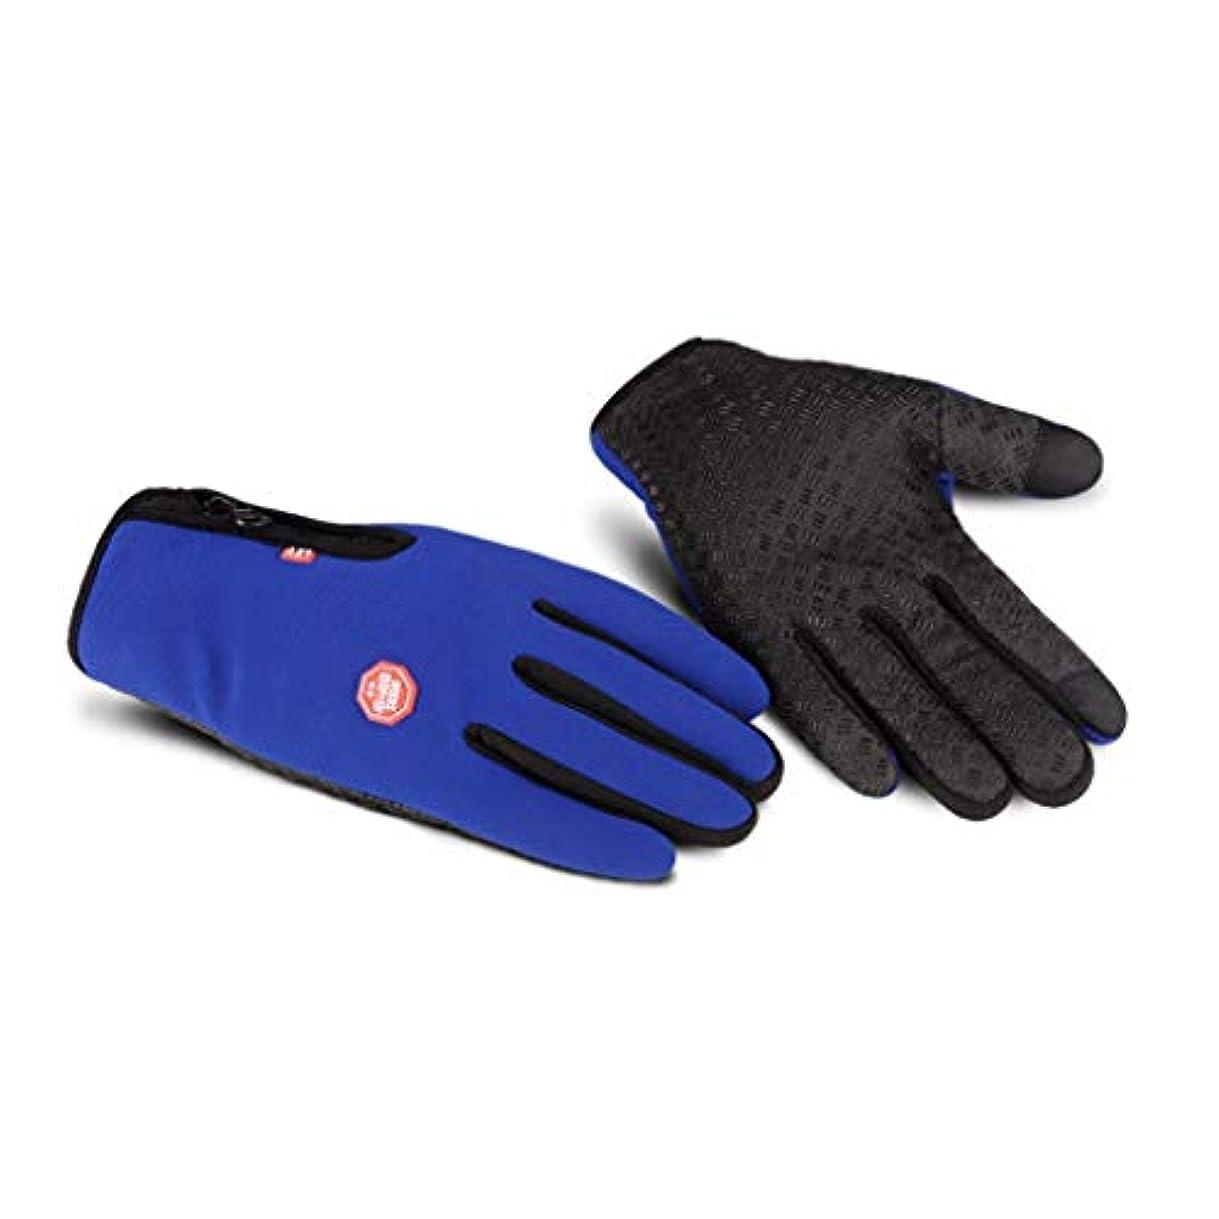 出身地感動するコース手袋の男性の秋と冬の自転車電動バイクの女性のタッチスクリーンはすべて防風ノンスリップ暖かい冬のコールドプラスベルベット弾性手袋を意味する (色 : 青)